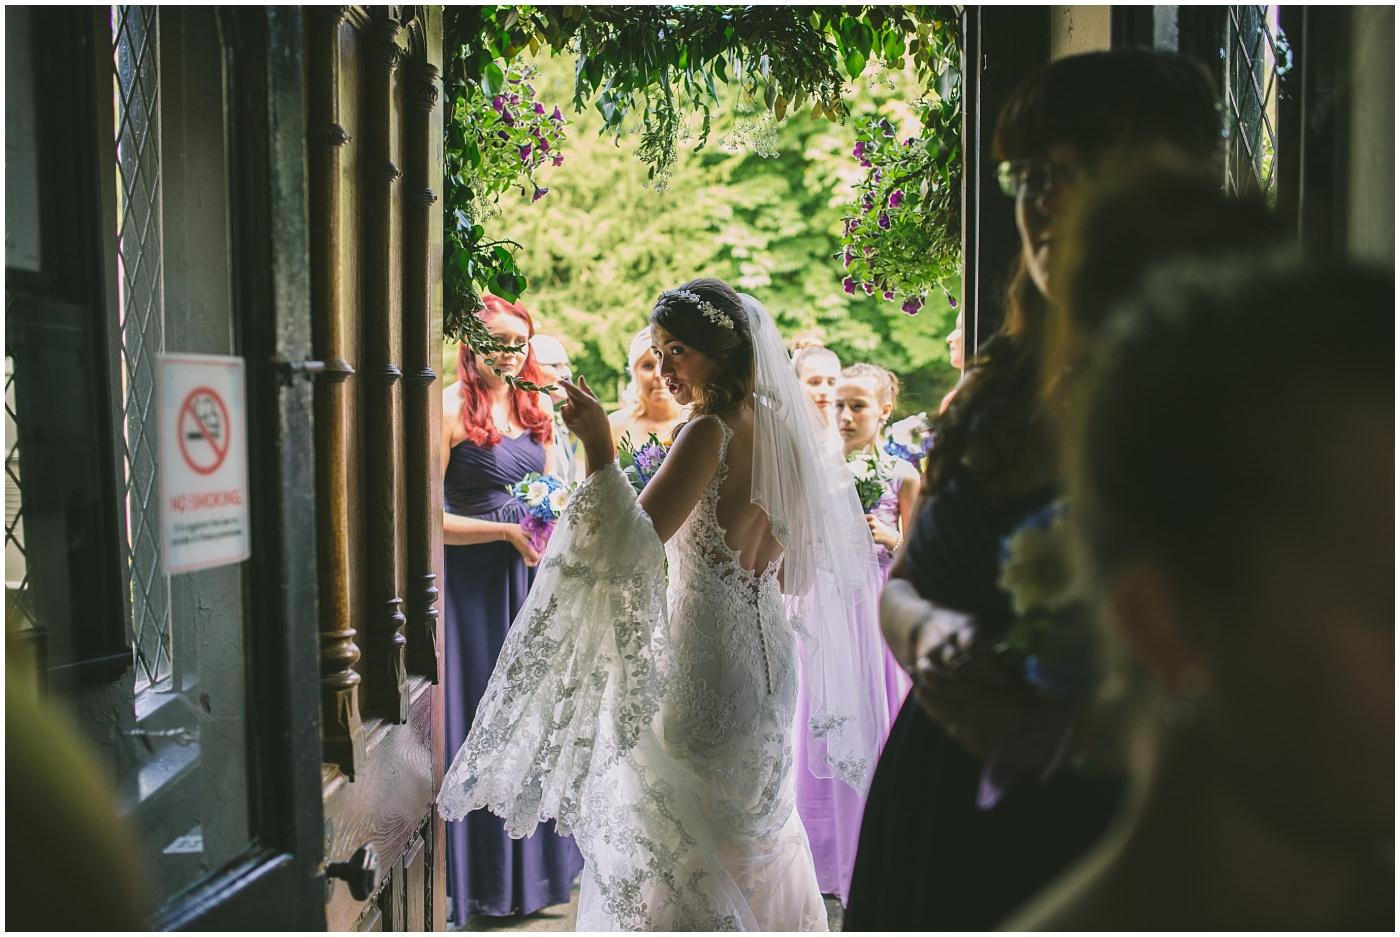 Bride arrives at Samlesbury Hall